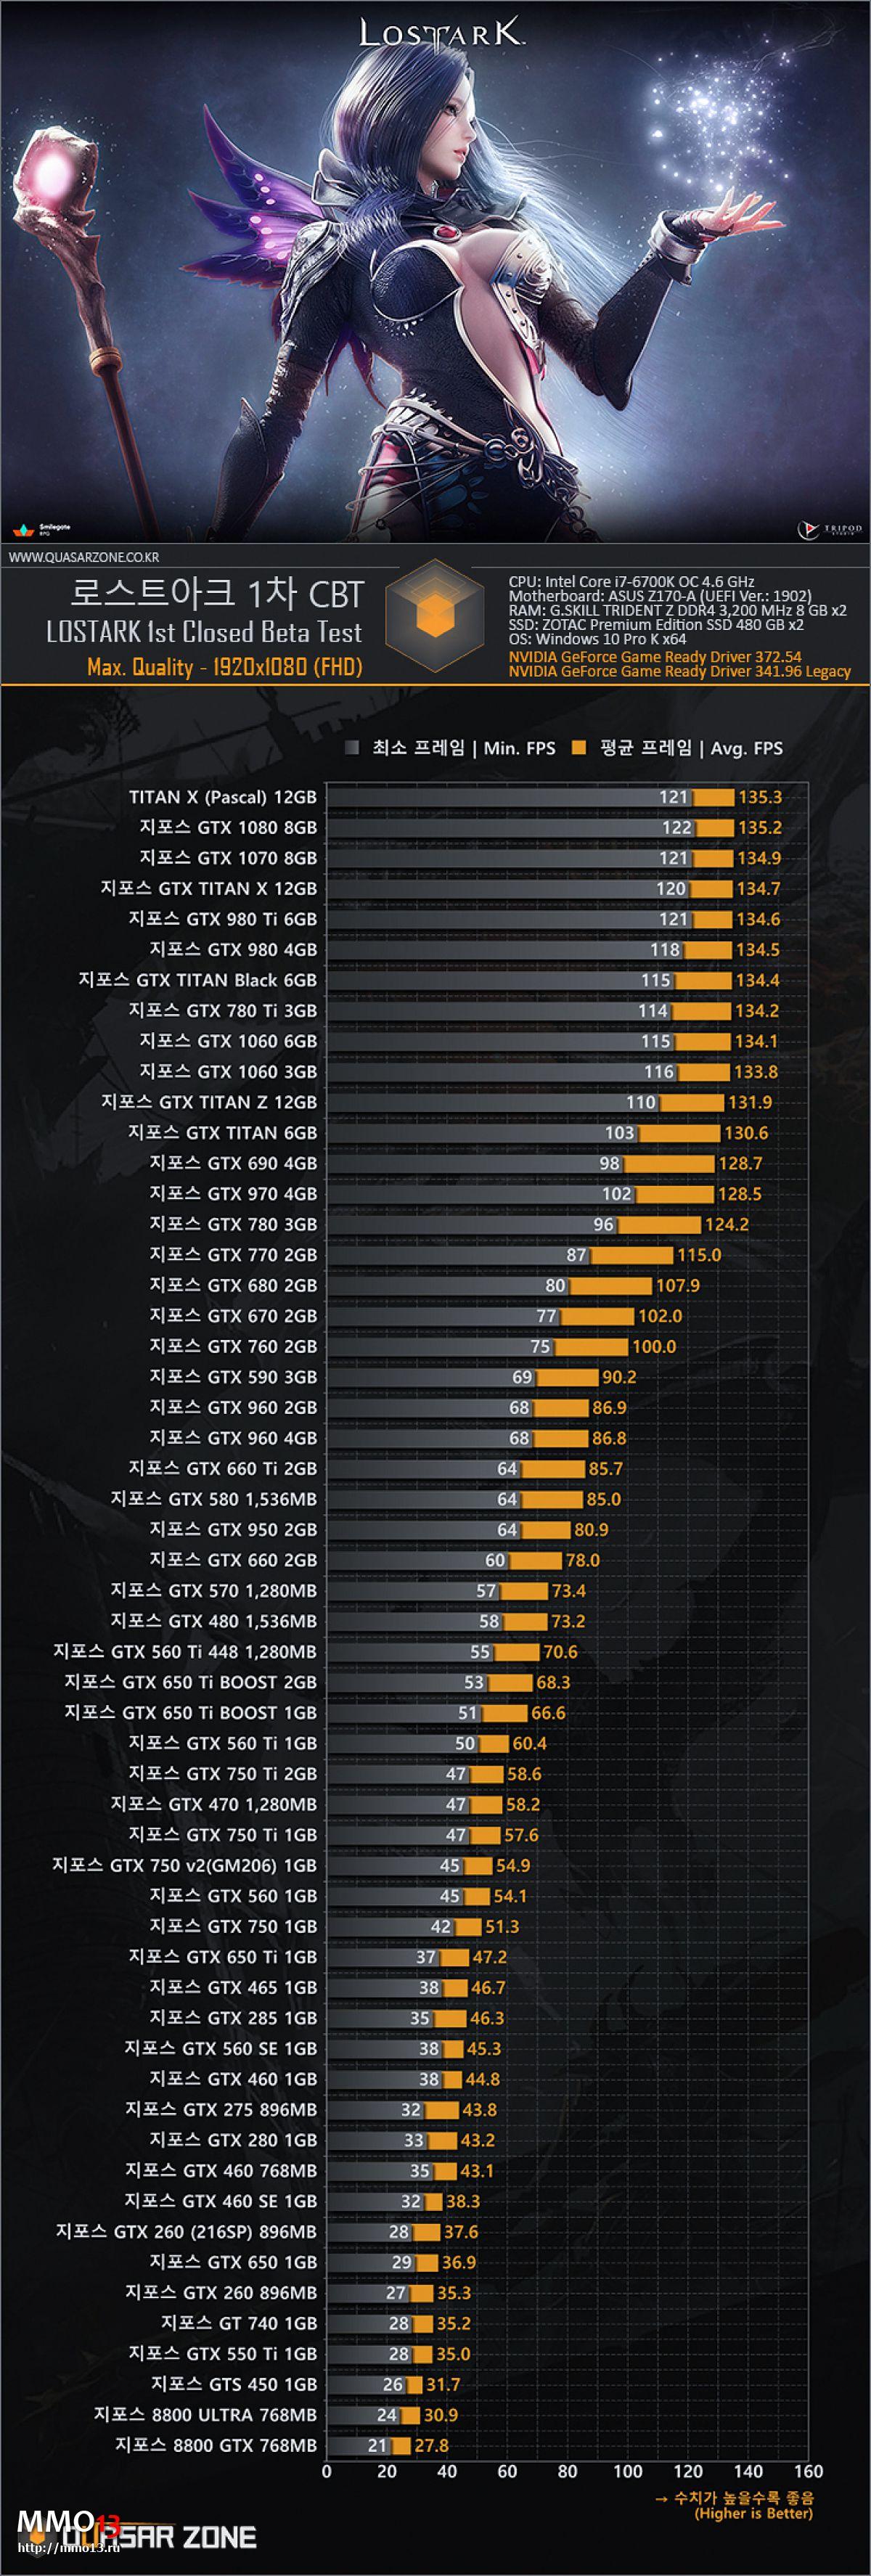 Корейцы протестировали производительность Lost Ark на видеокартах Nvidia различных лет 15232